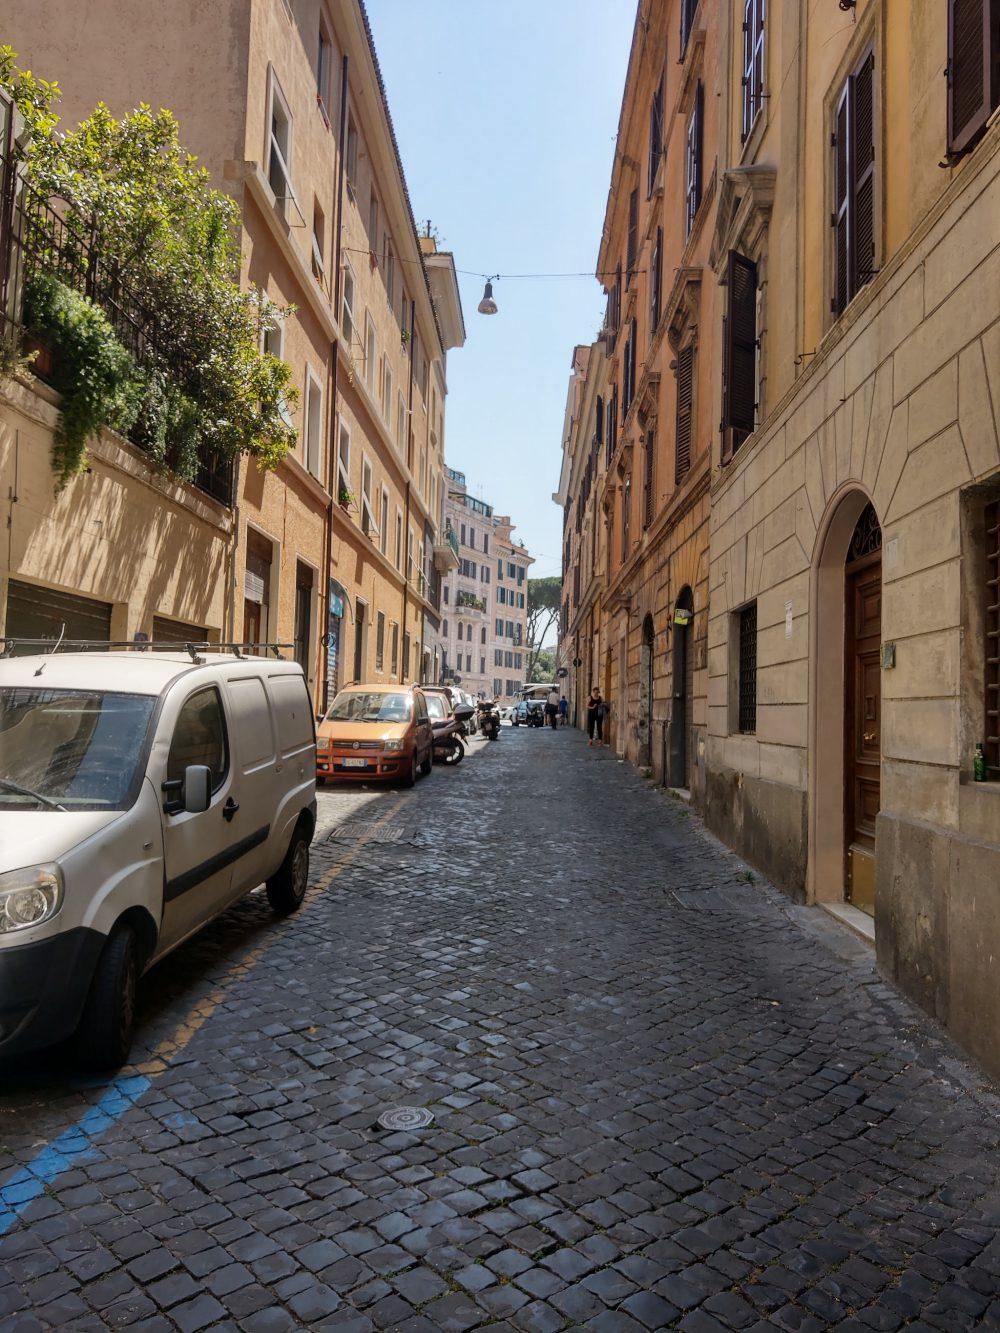 ulica w rzymie zdjęcie htc u12 plus